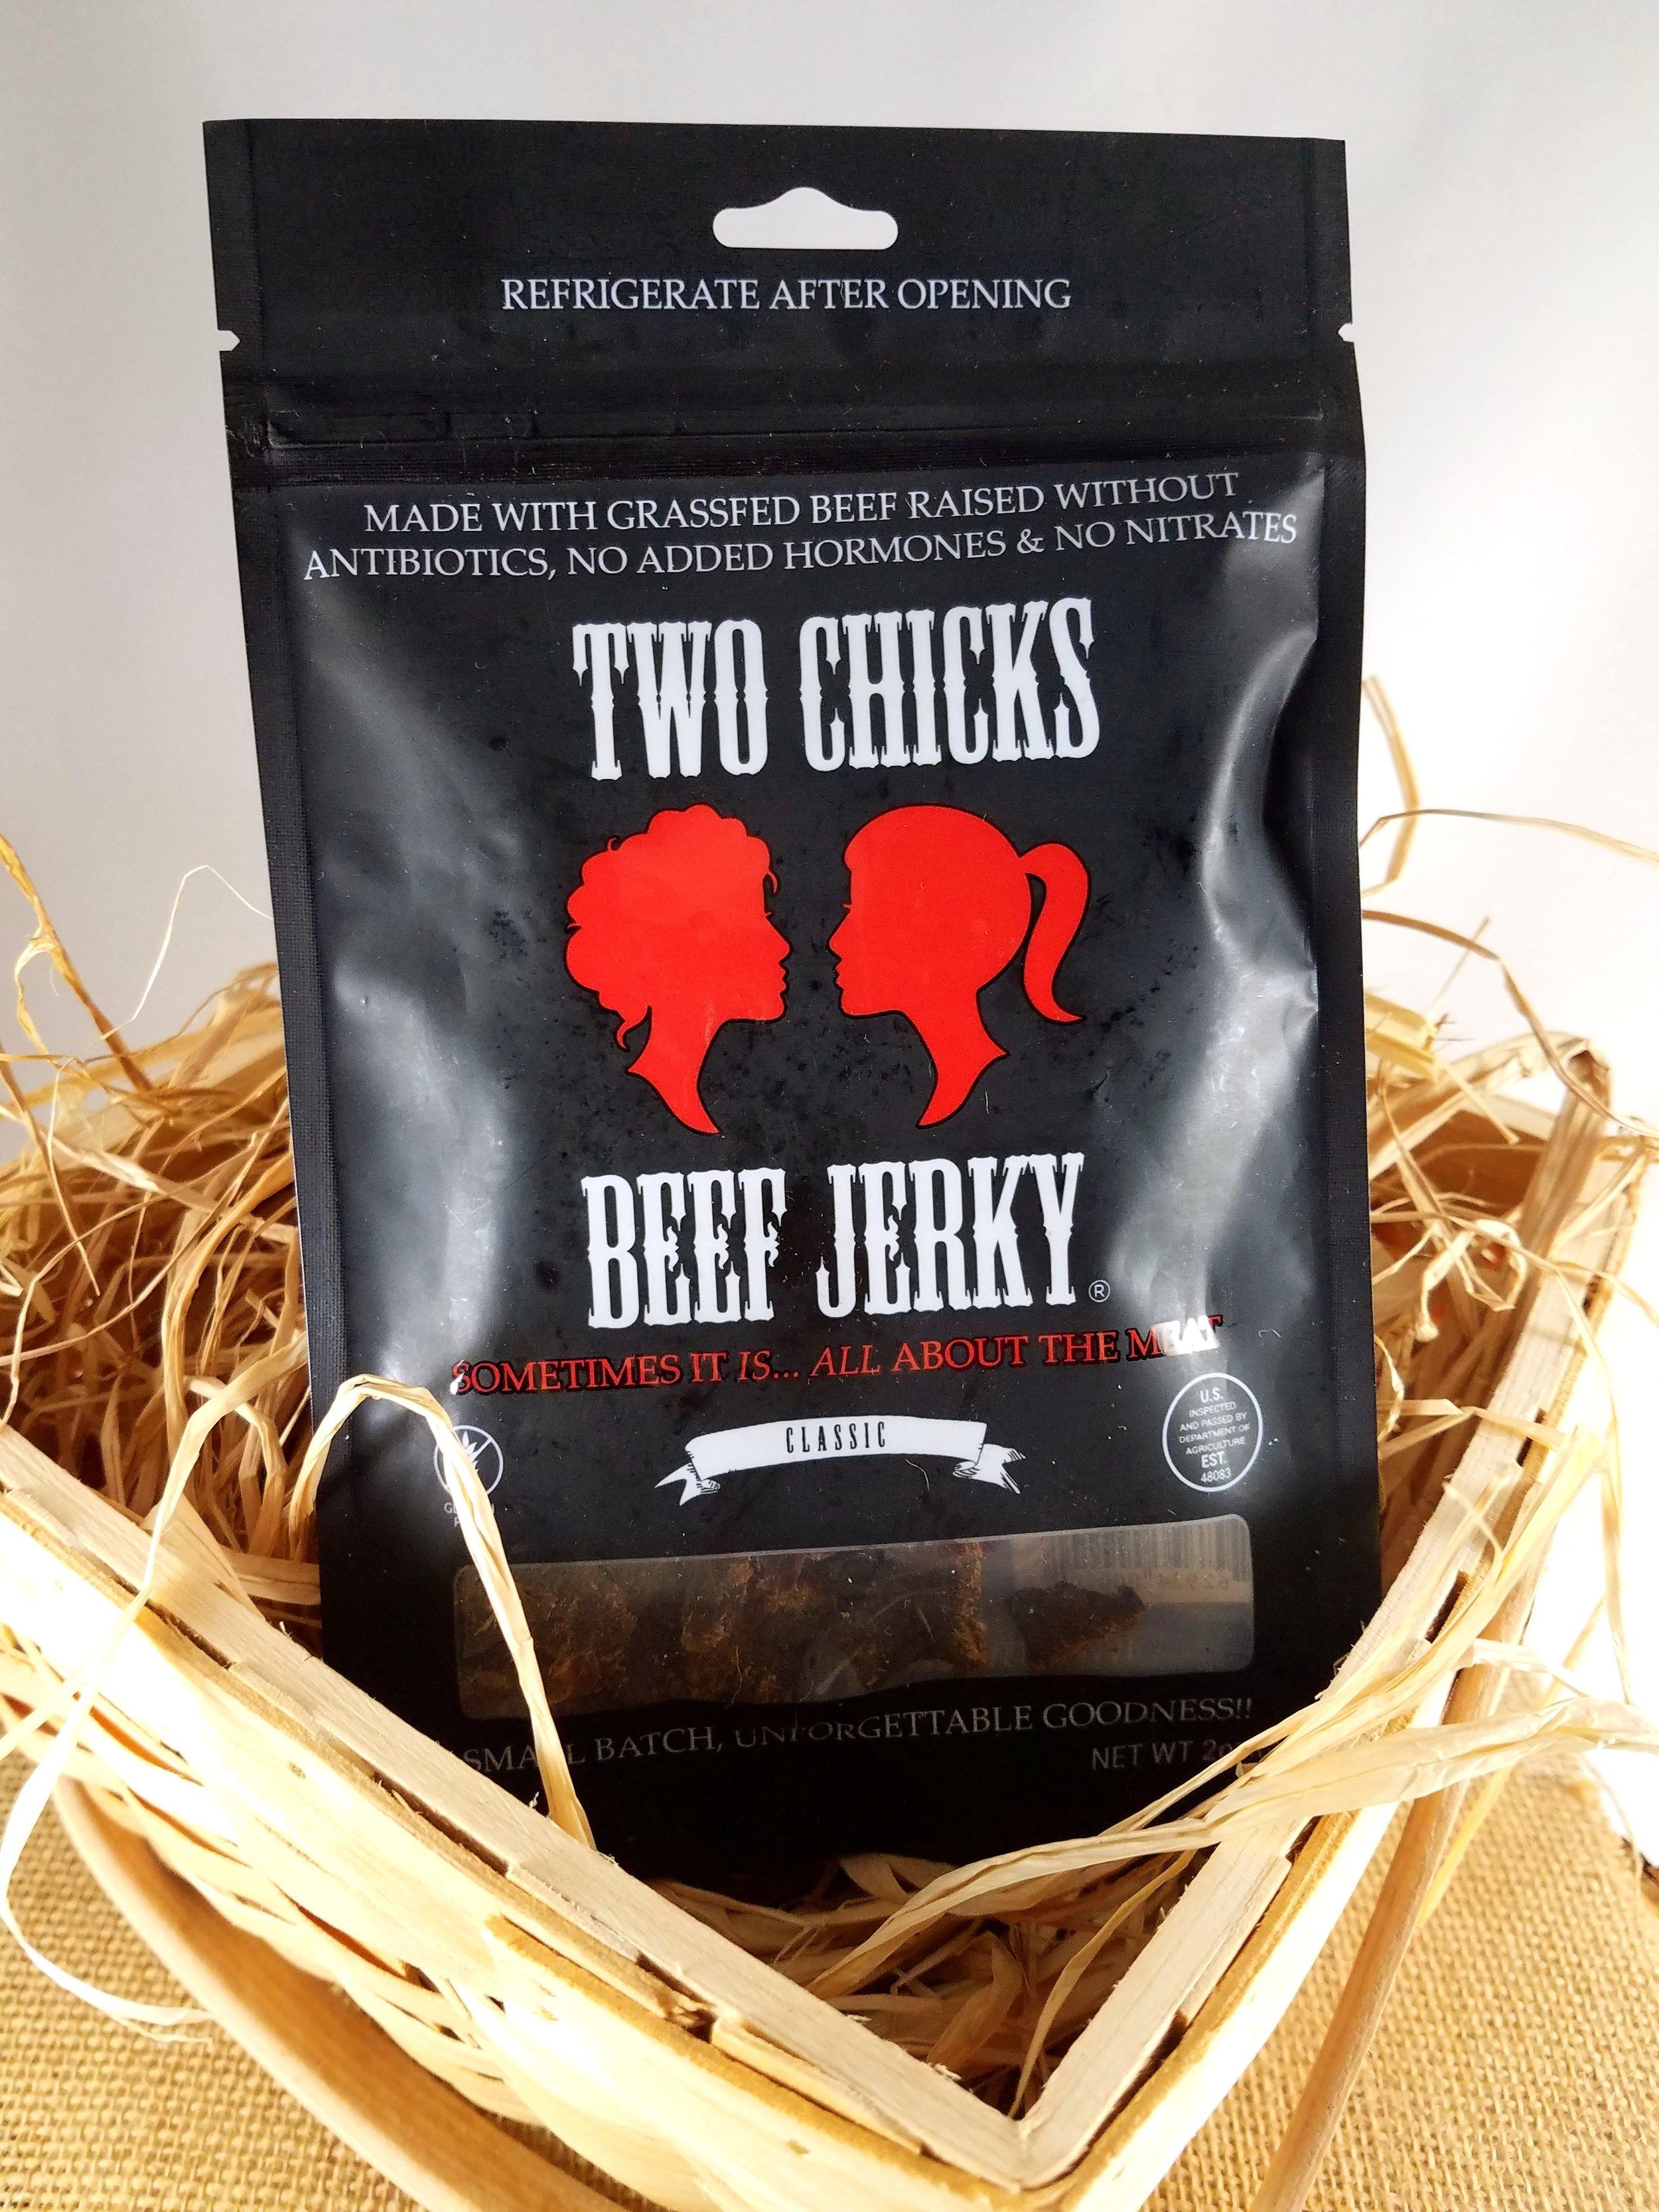 Farmers Market, Online Farmers Market, Two Chicks Beef Jerky